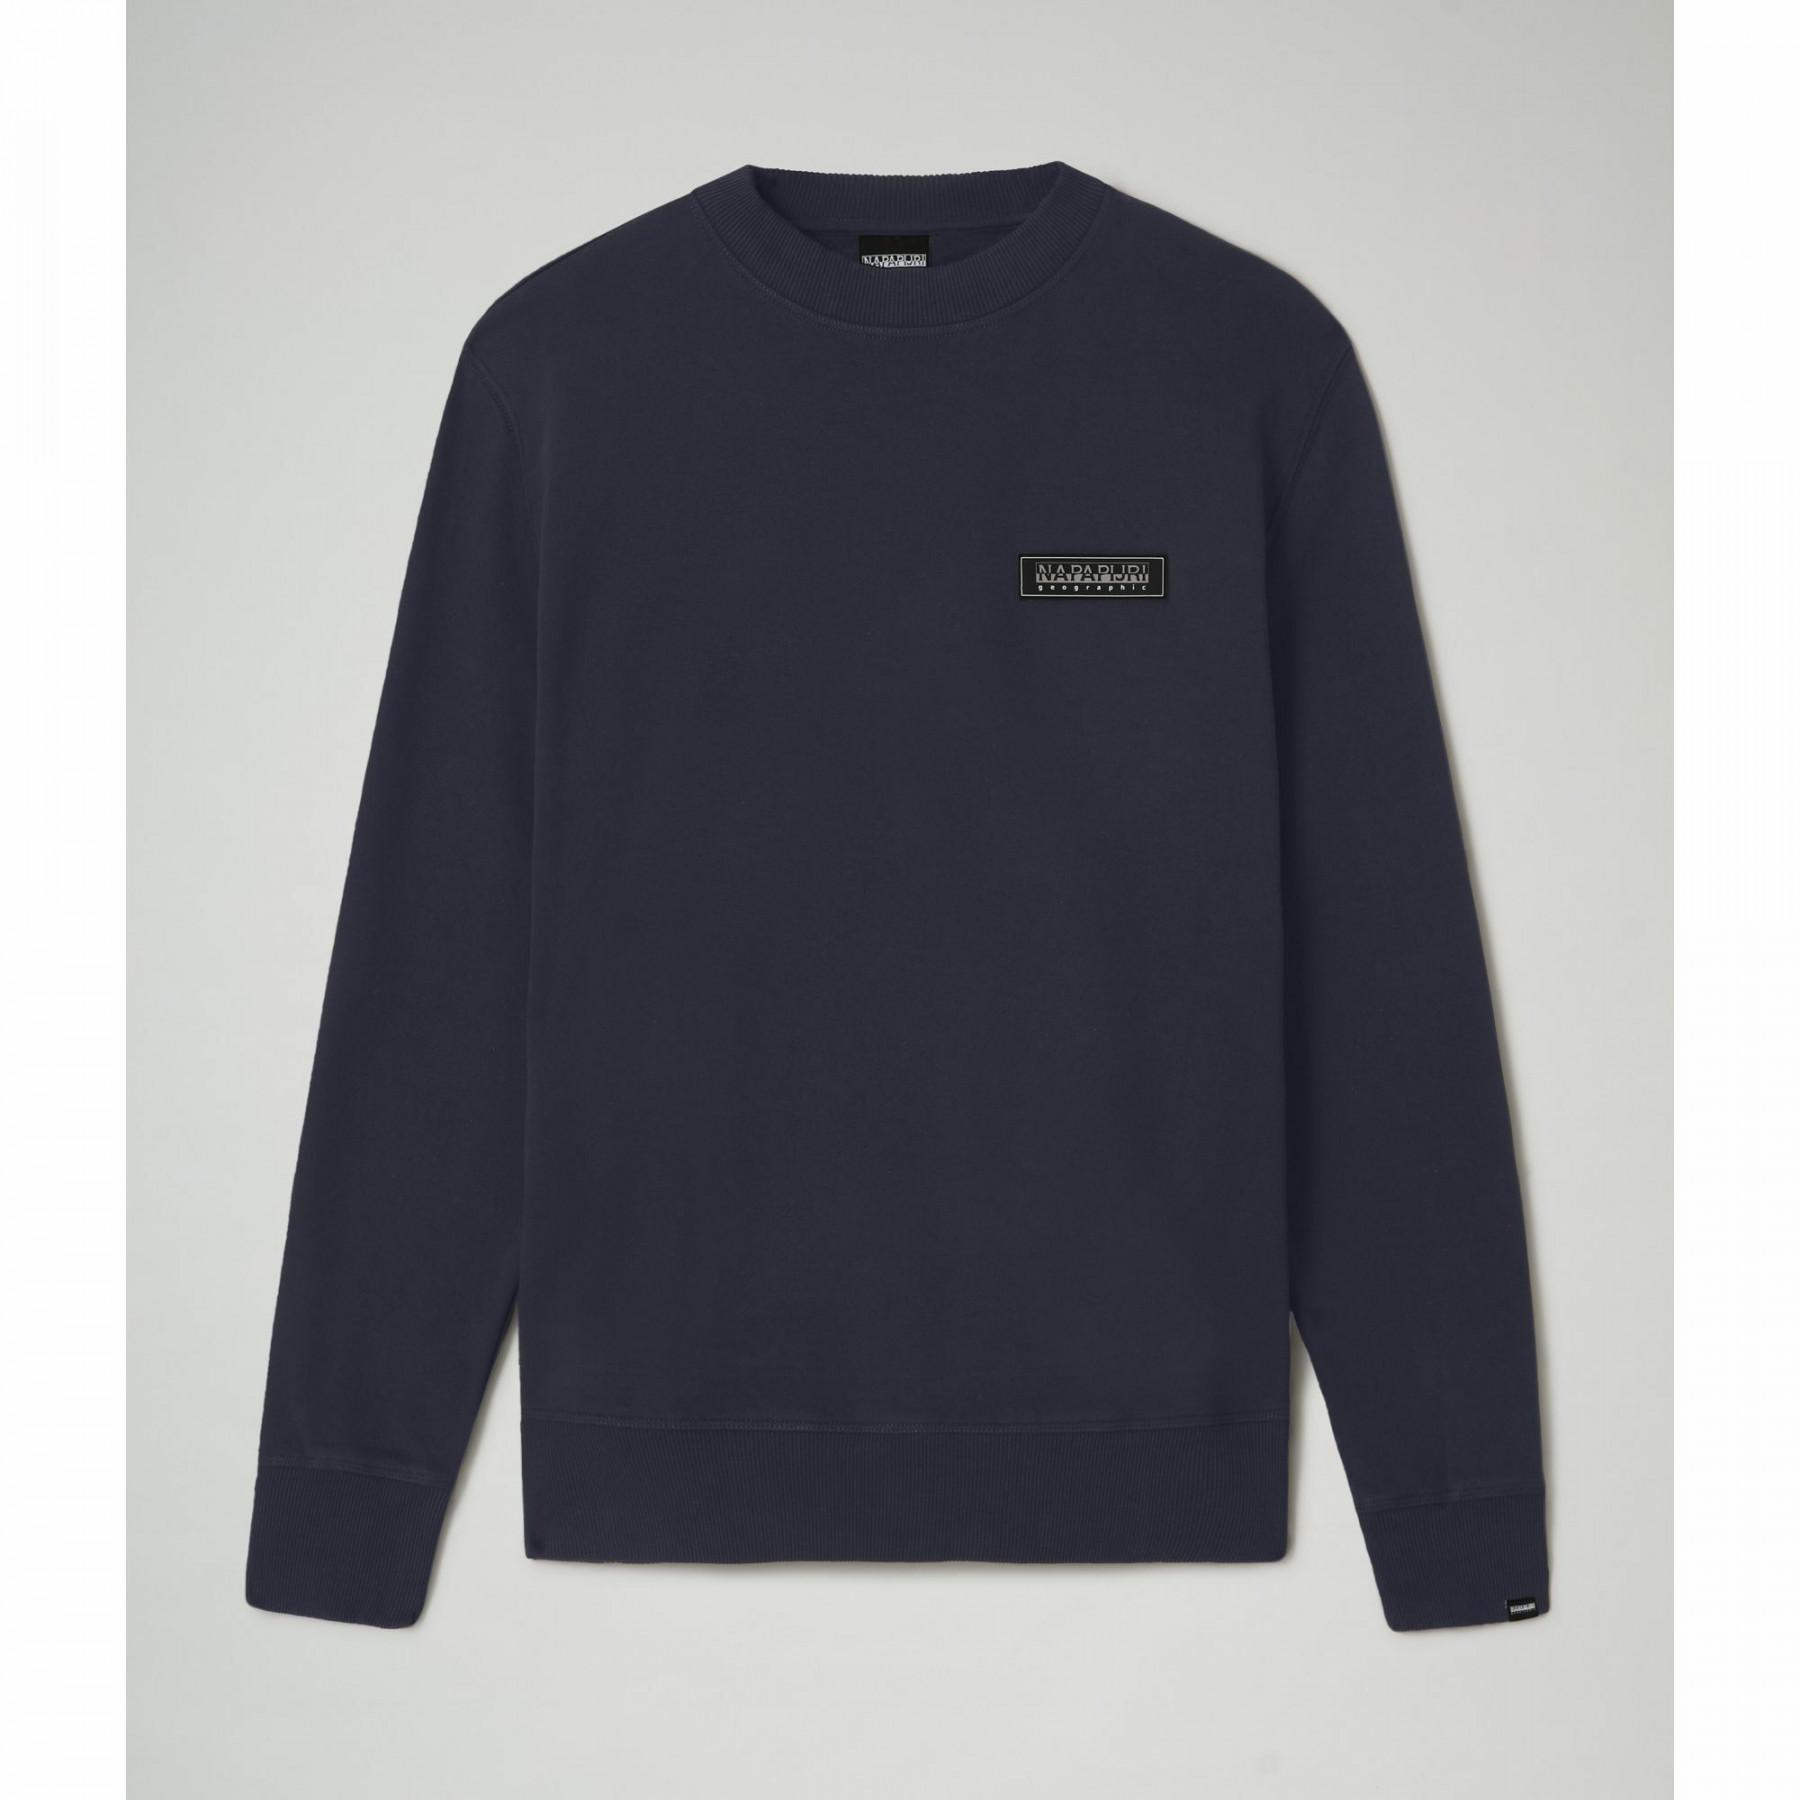 Sweatshirt éponge Napapijri B-patch